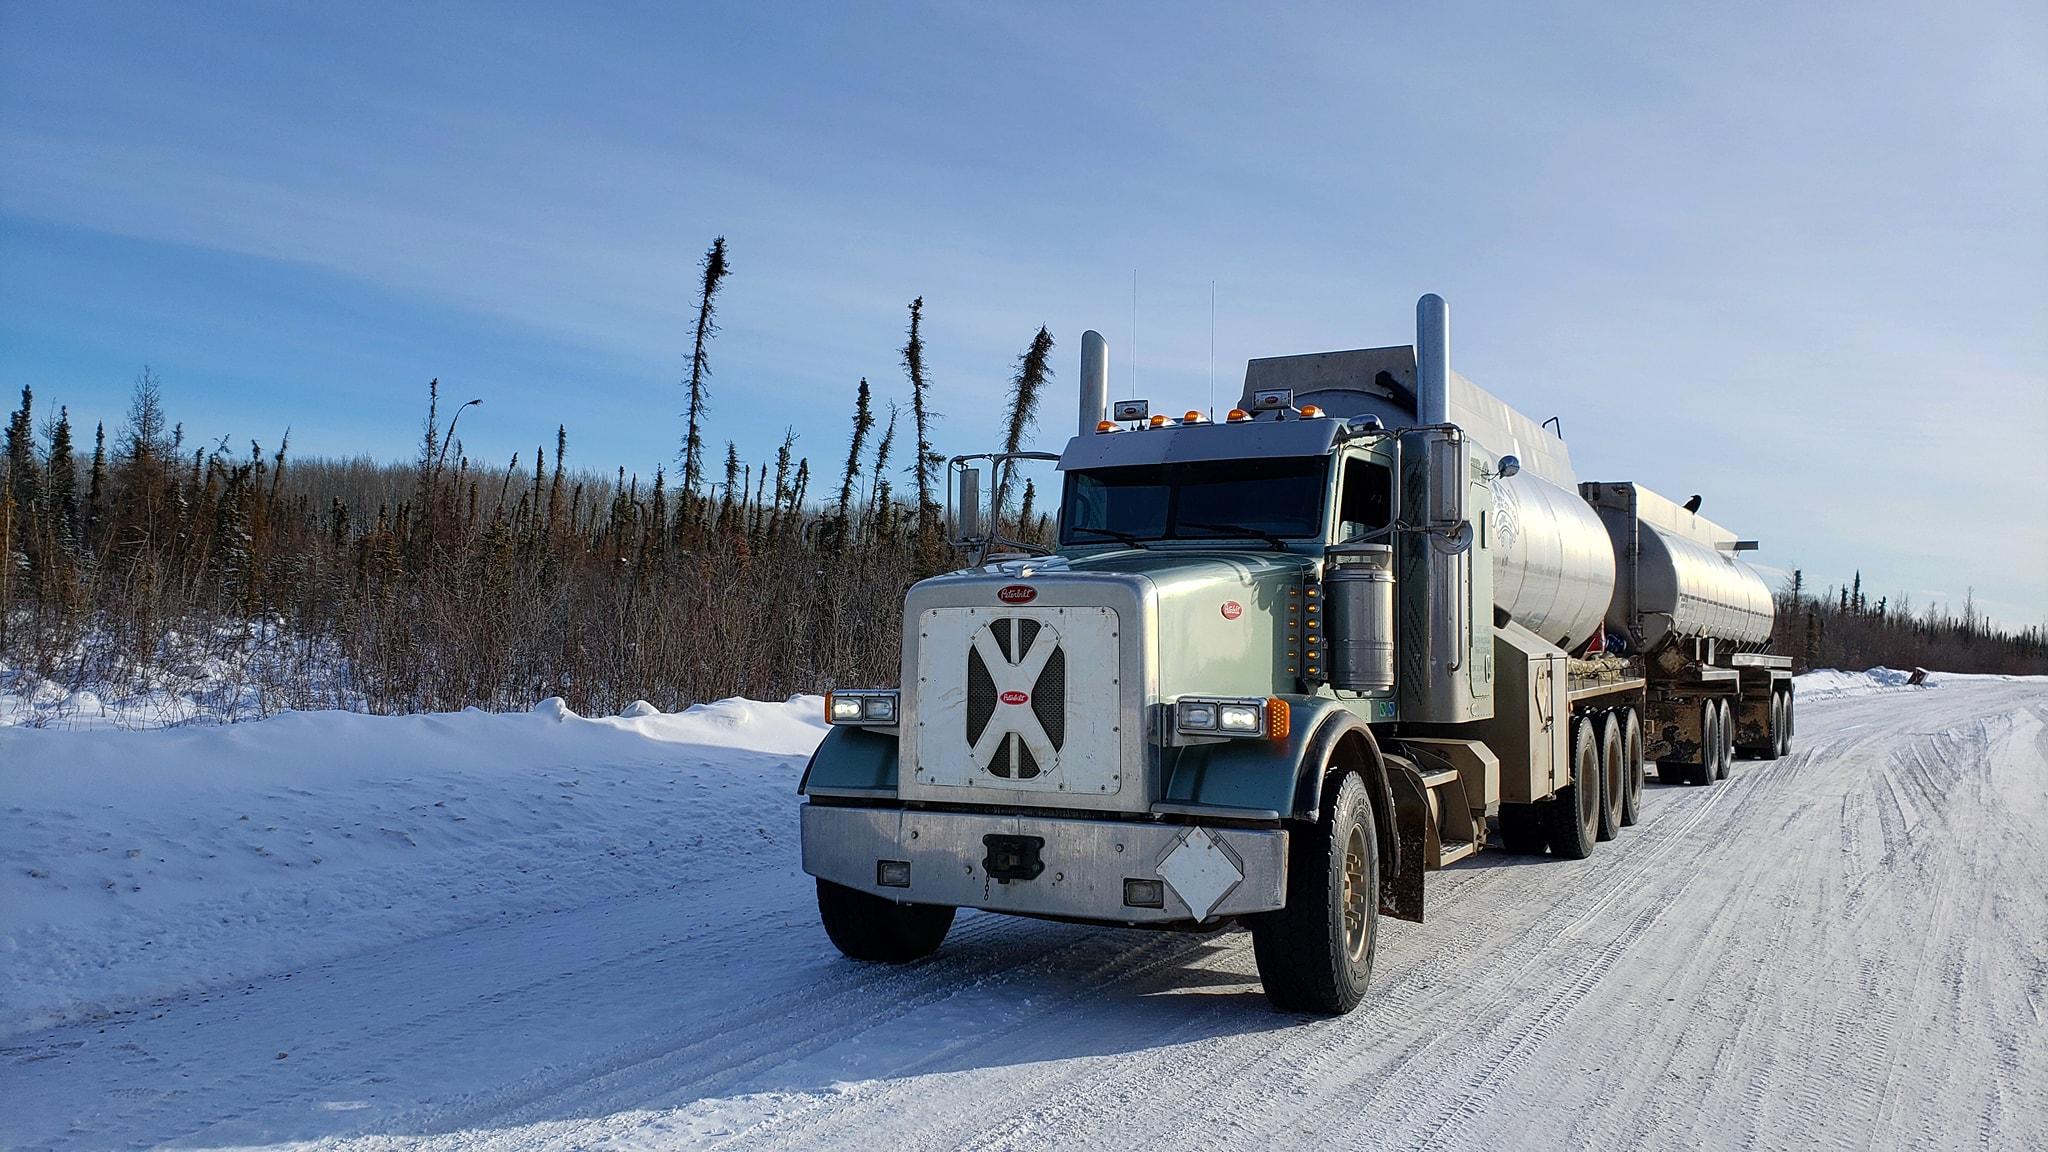 14-2-2020--nu-met-tankwagen-om-meer-thuis-te-zijn-Taber--(22)